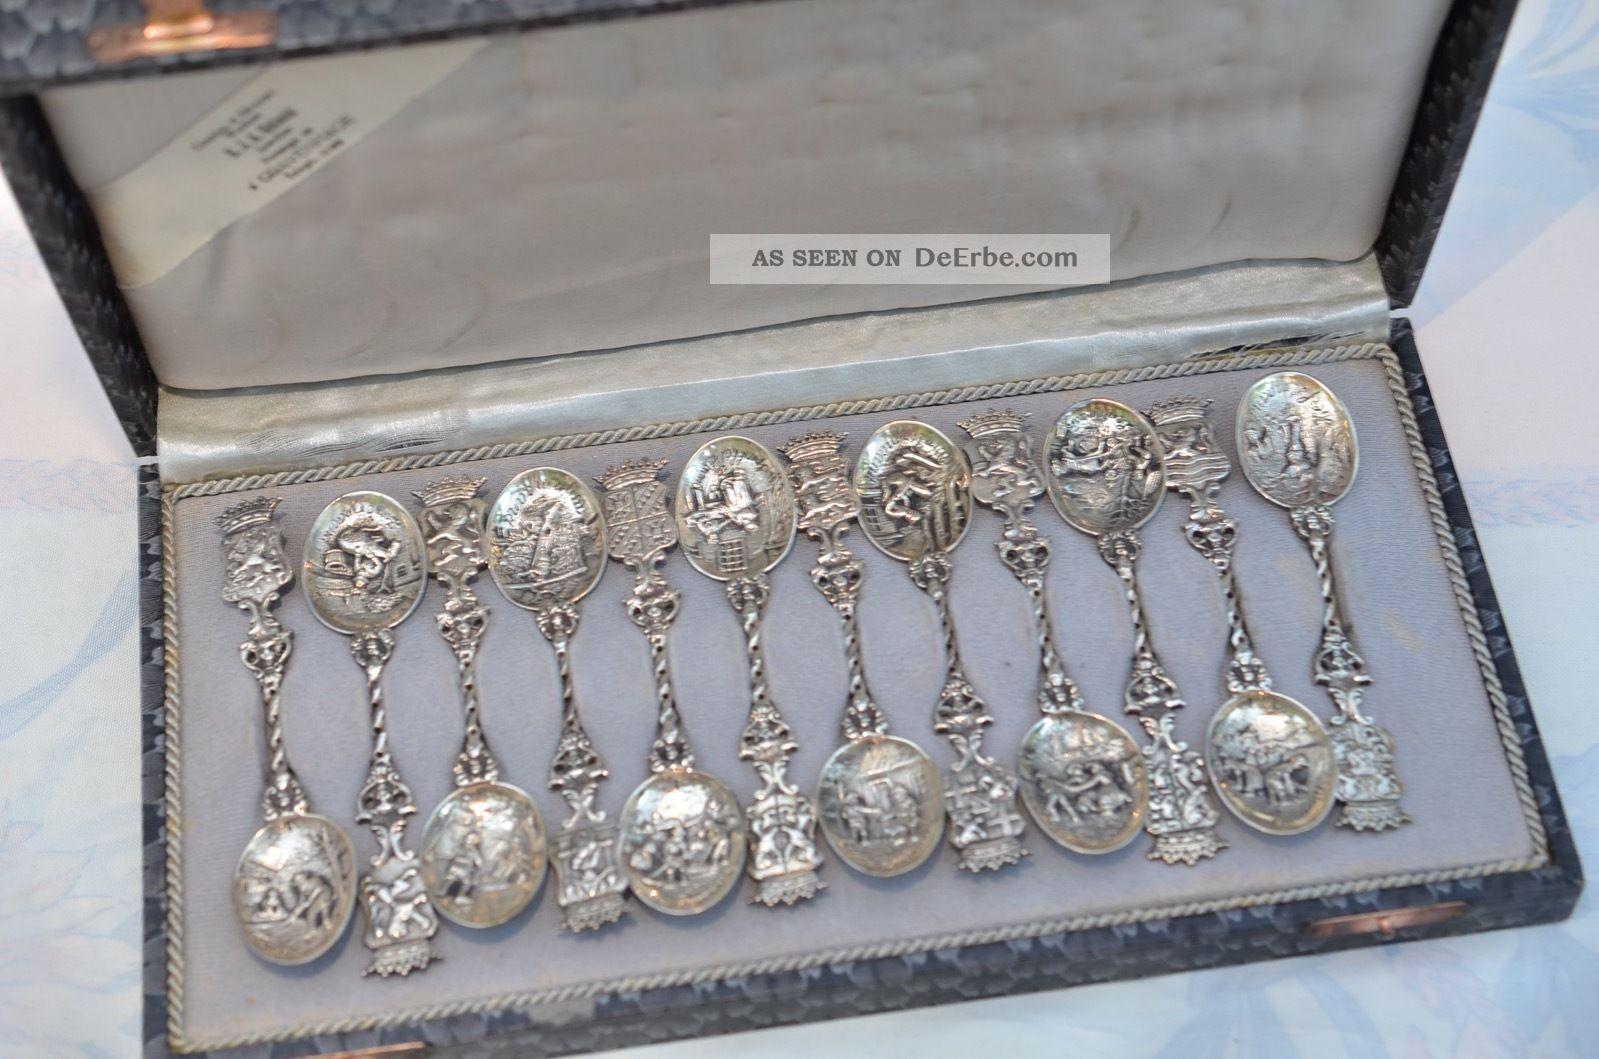 12 Stück Jahreslöffel Kaffeelöffel Silber 830 Niederlande Um 1814 - 1953 Objekte vor 1945 Bild